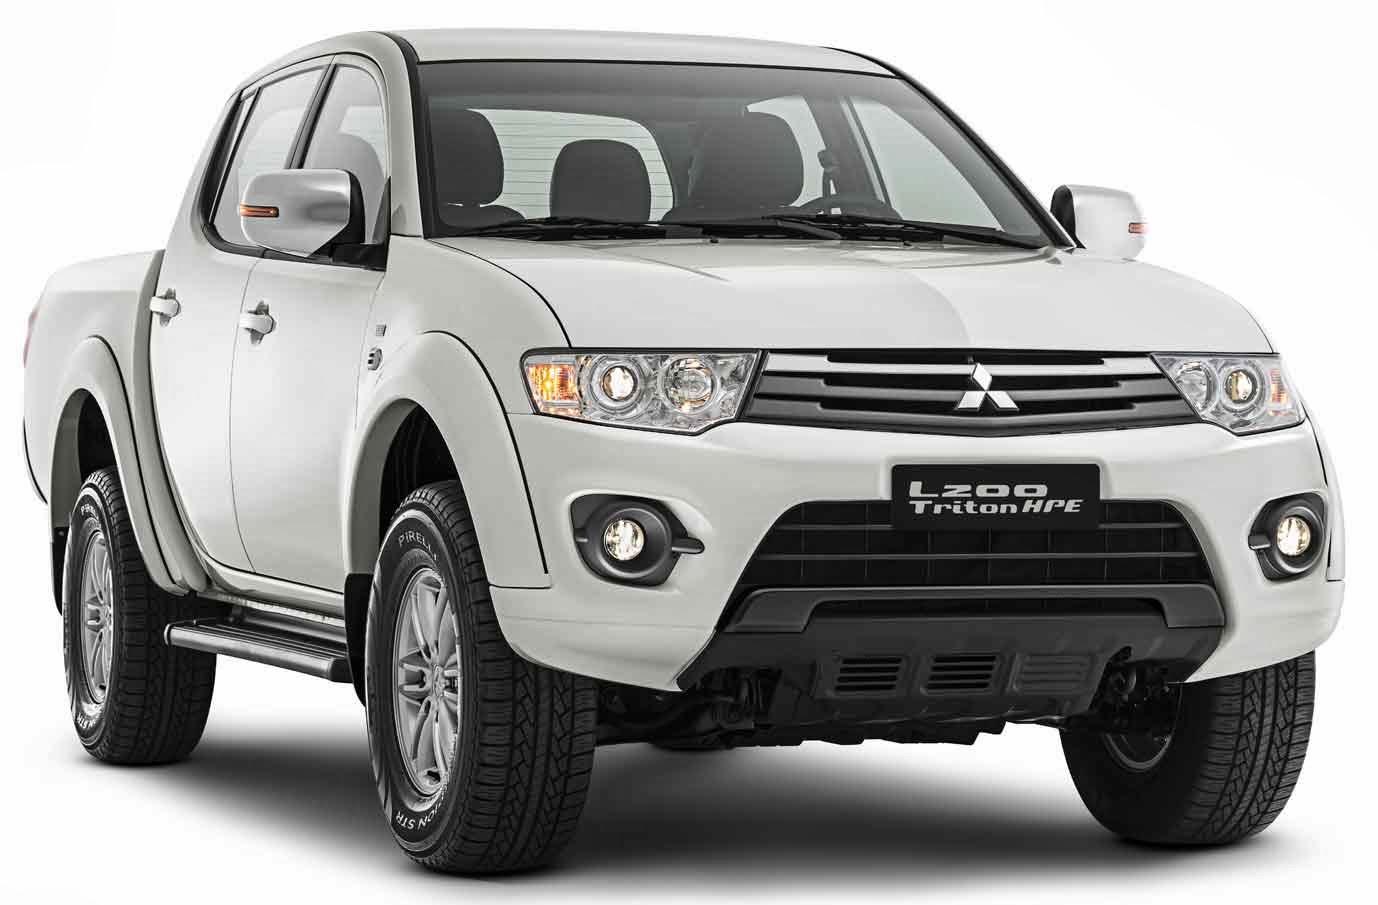 2014 Mitsubishi Triton Pictures | Autos Post